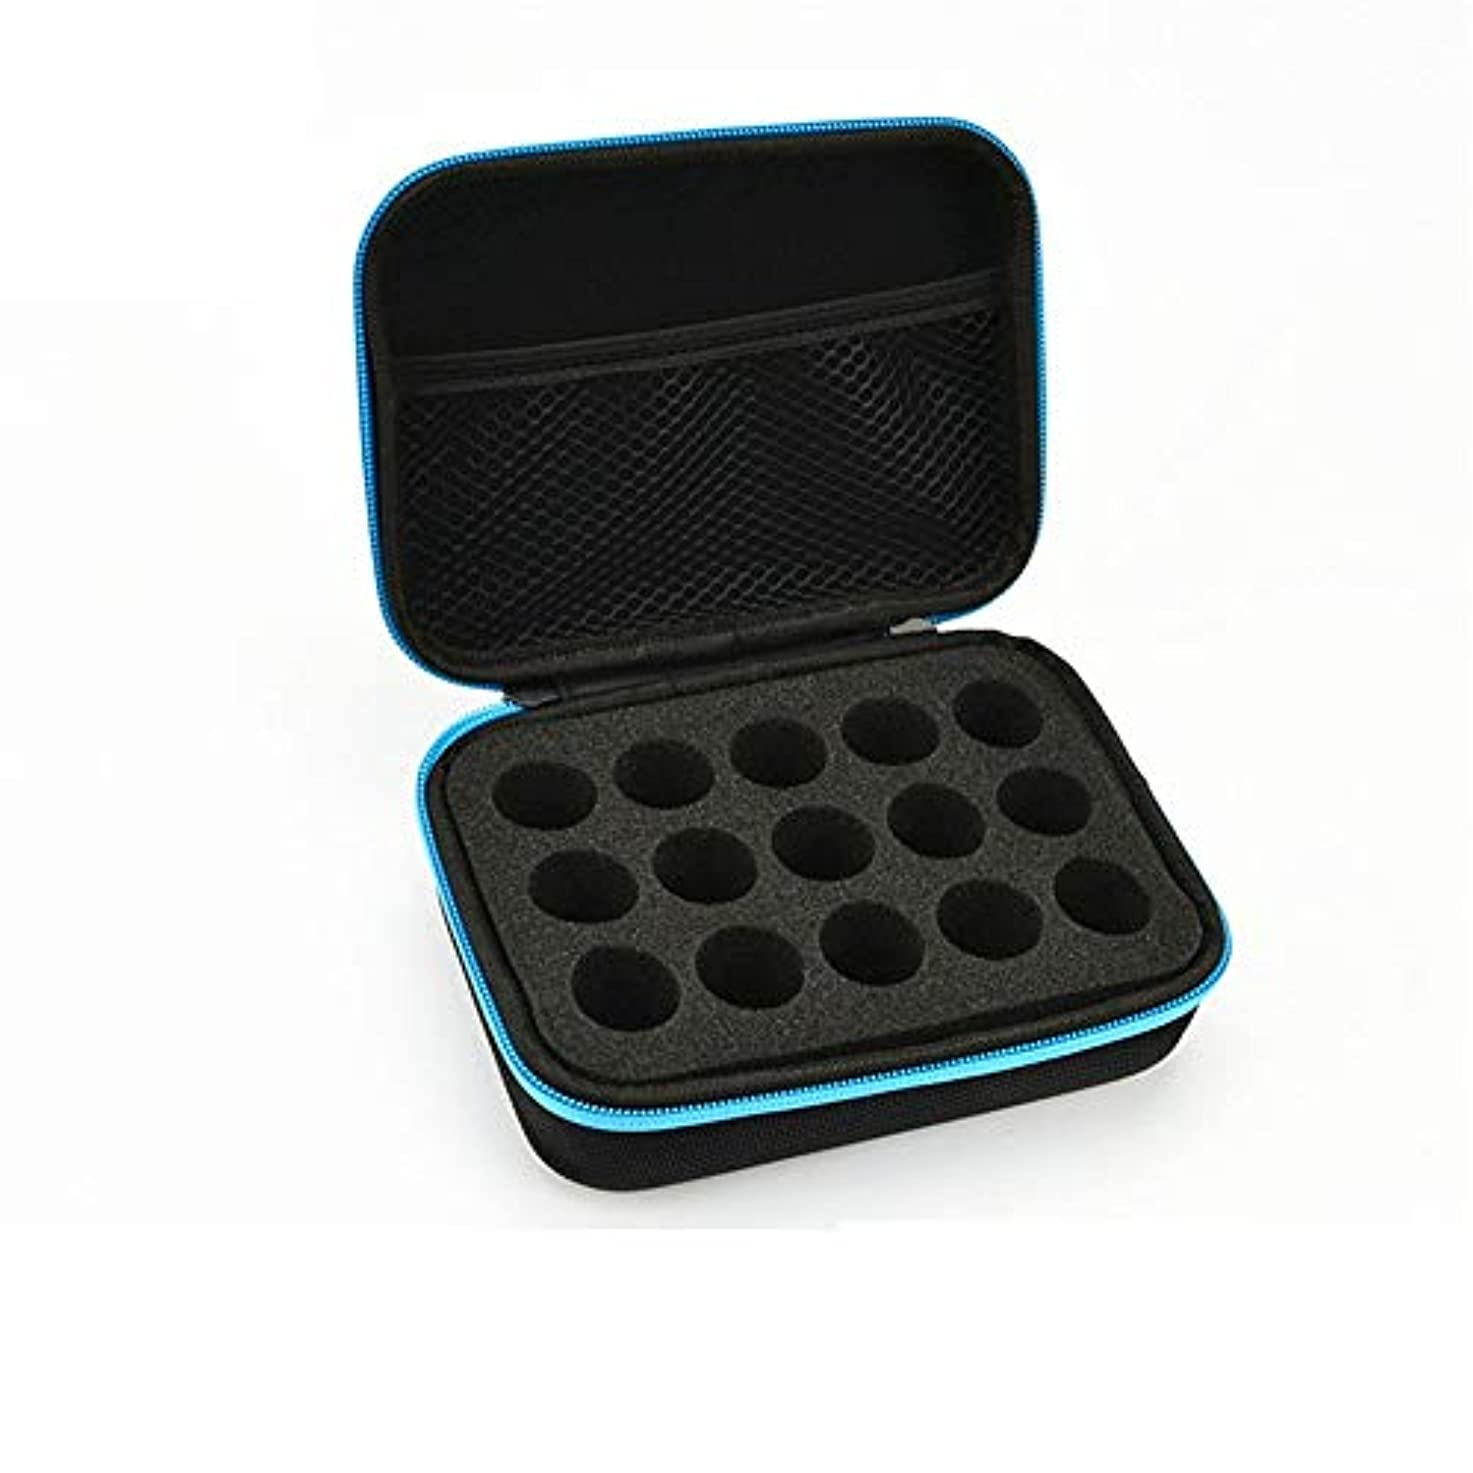 ディスパッチトランジスタリップエッセンシャルオイルストレージボックス ケース収納キャリングエッセンシャルオイルは、10?15mlのトラベルオーガナイザーポーチバッグブルーに適合します 旅行およびプレゼンテーション用 (色 : 青, サイズ : 17X12.5X6CM)